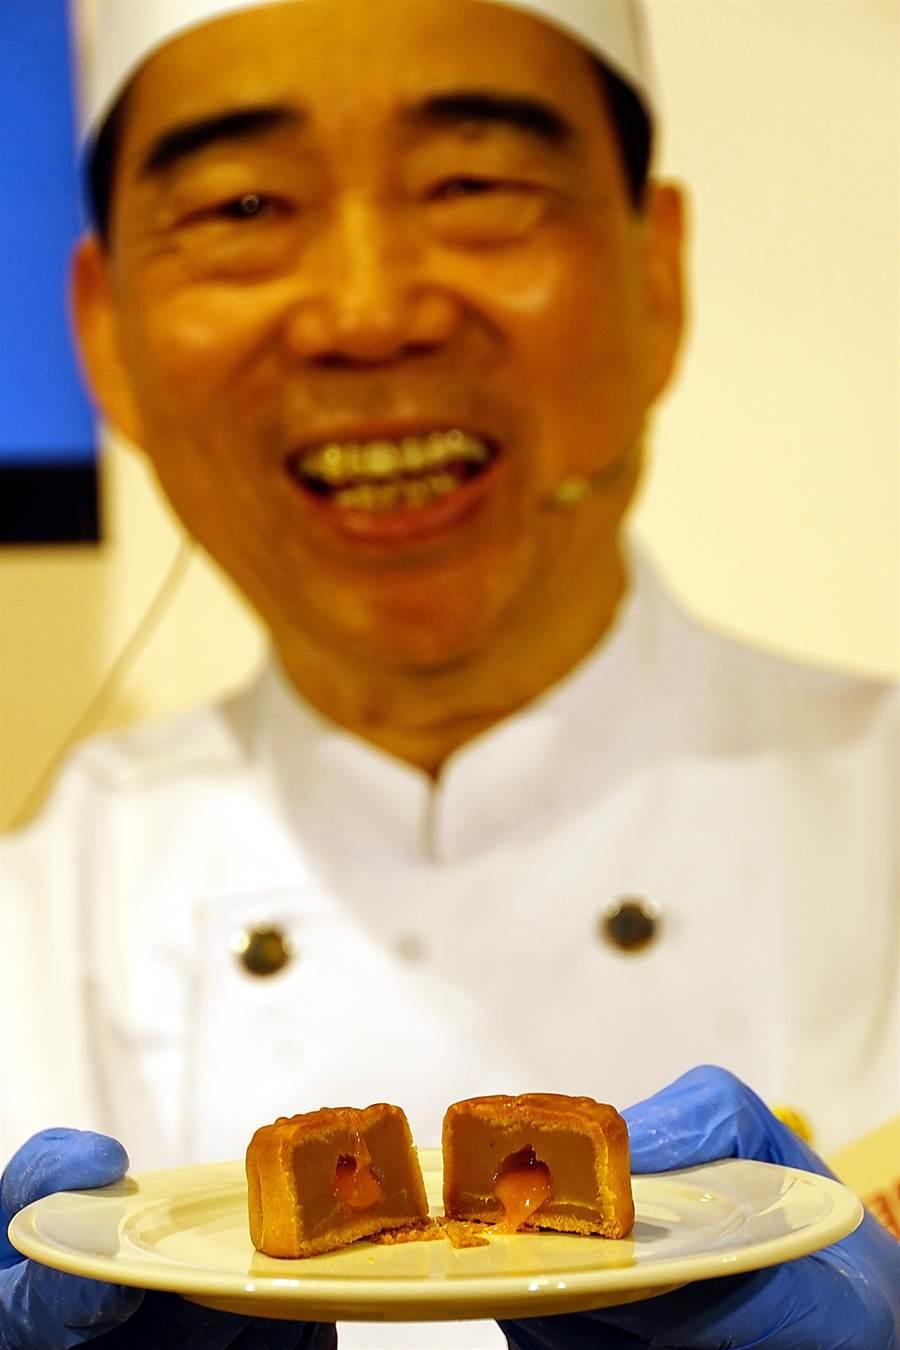 美心集團資深主廚劉杏湘表示,美心集團整整花了一年時間才成功研發出會爆漿的「流心奶黃月餅」。(攝影/姚舜)